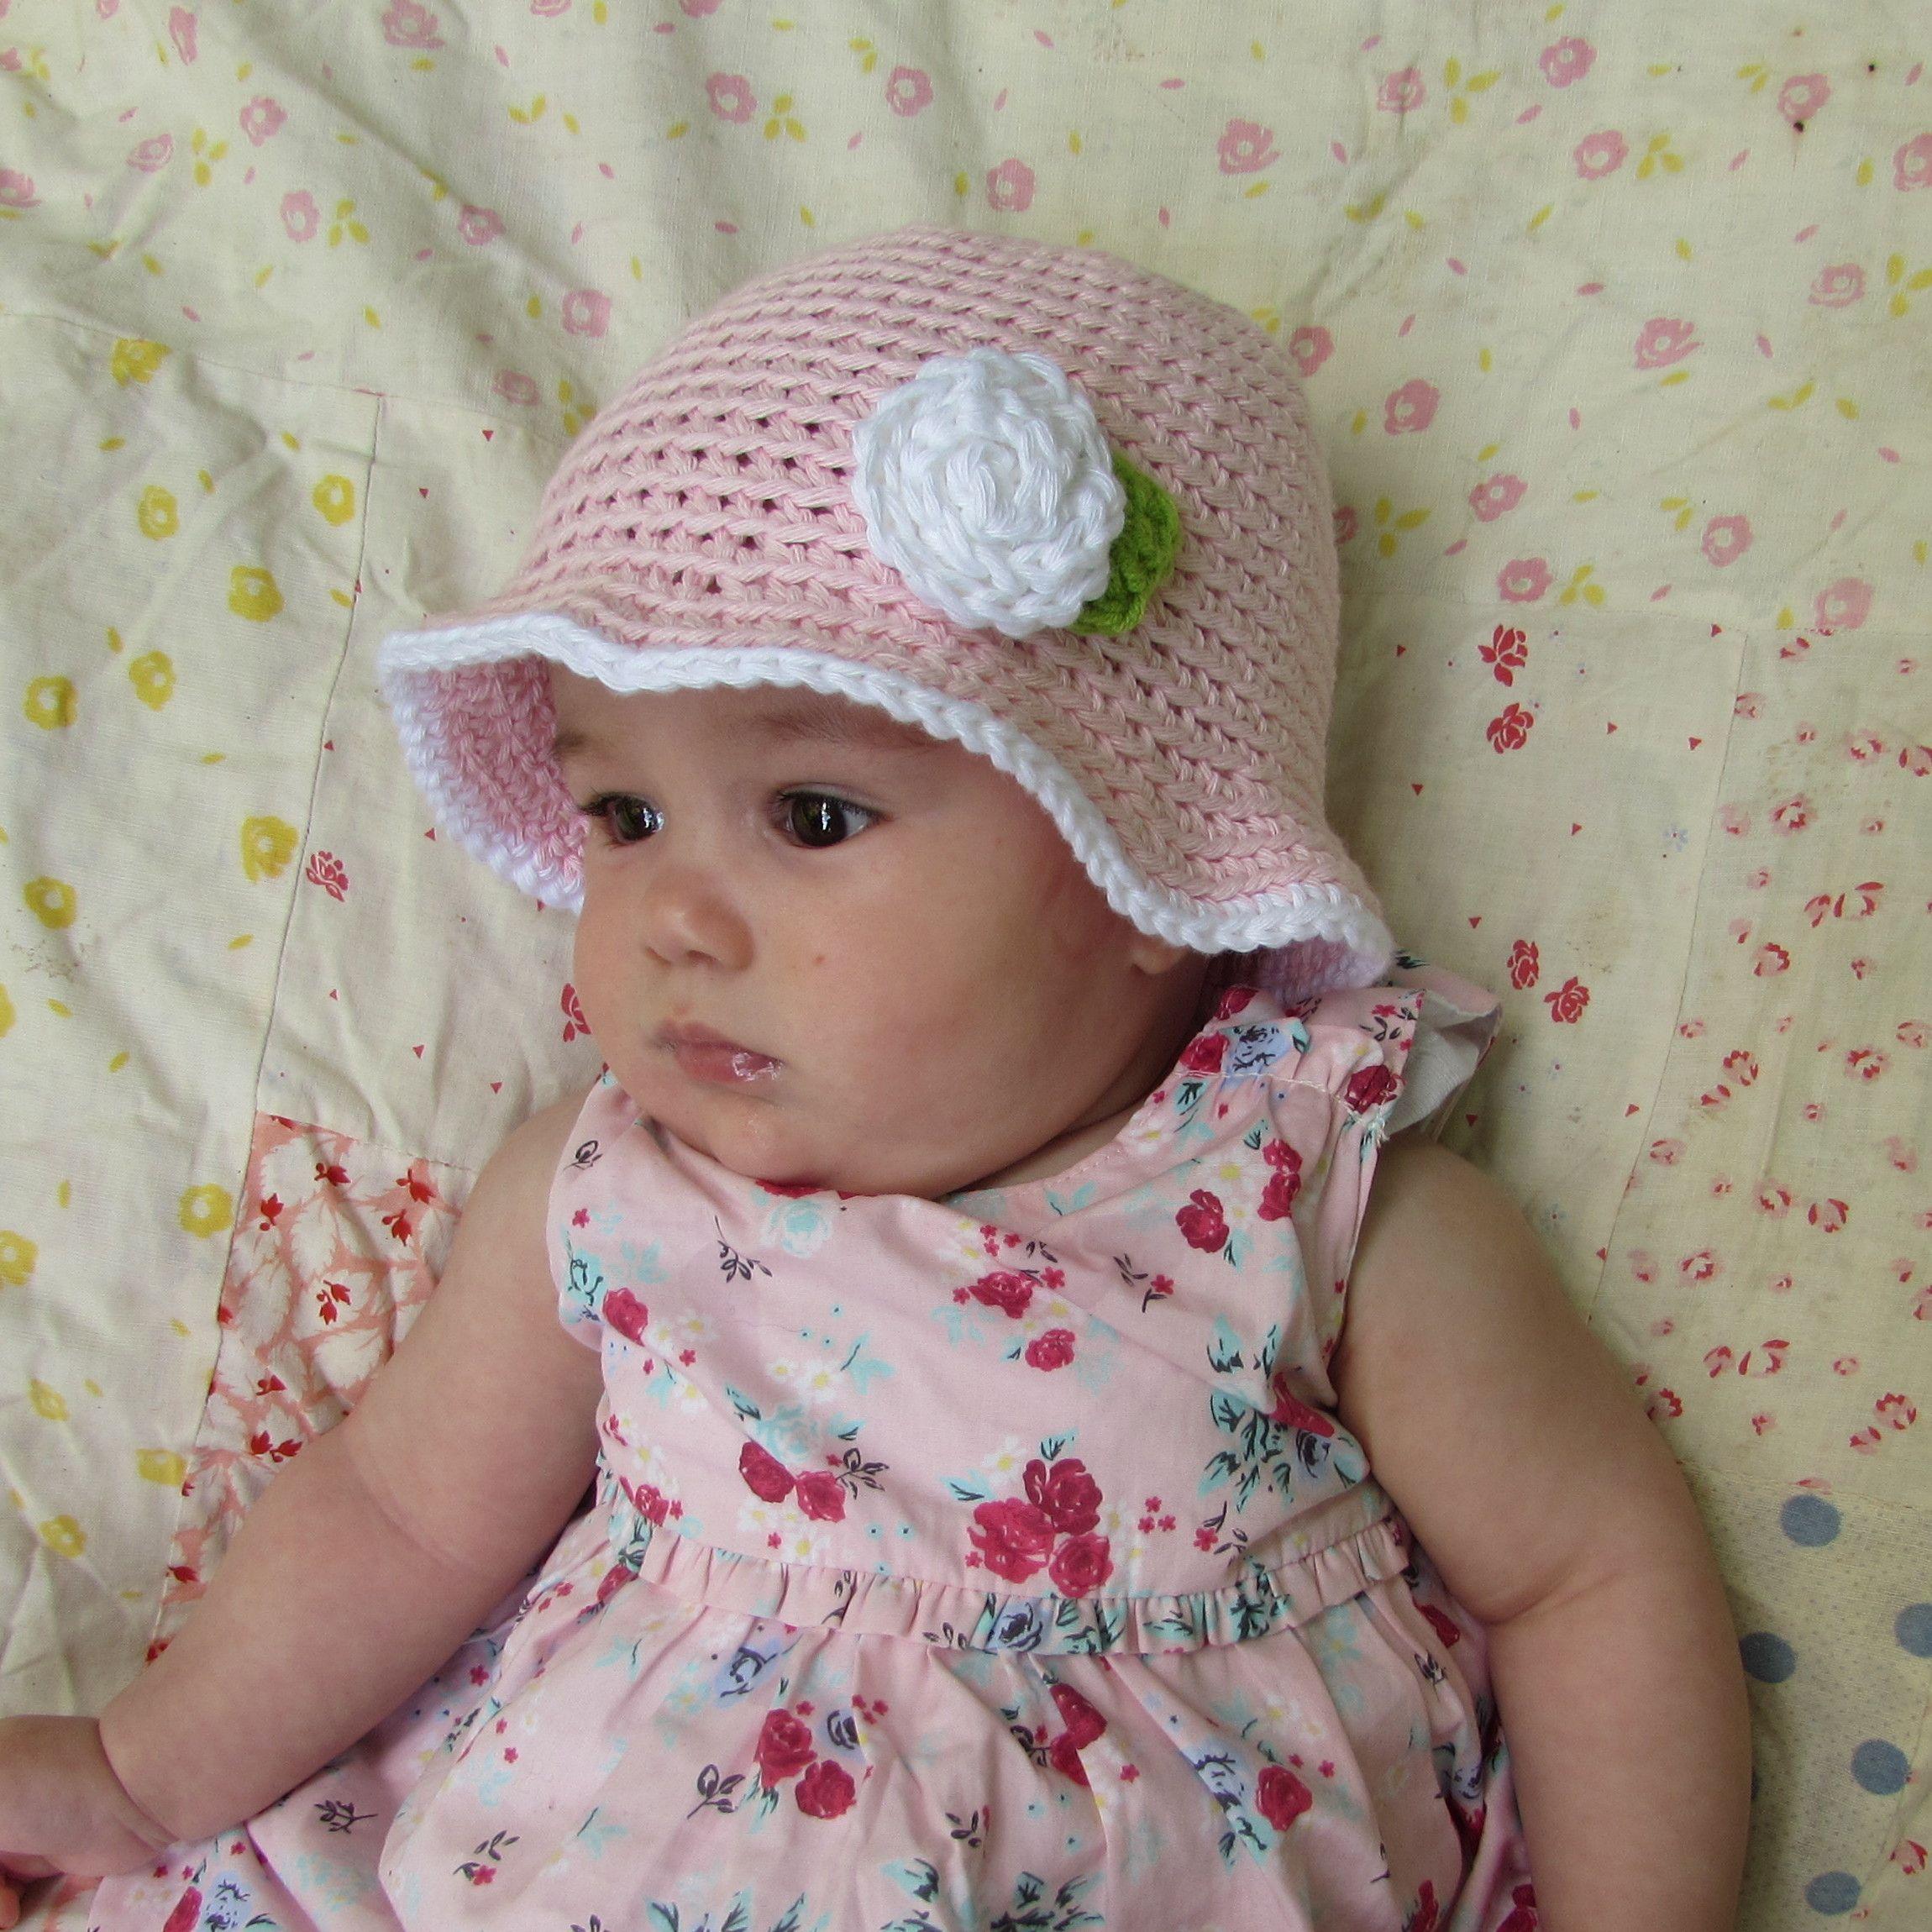 7d024983004bd Gorro bebé de verano rosa claro con flor en algodón de 5 a 12 meses ...